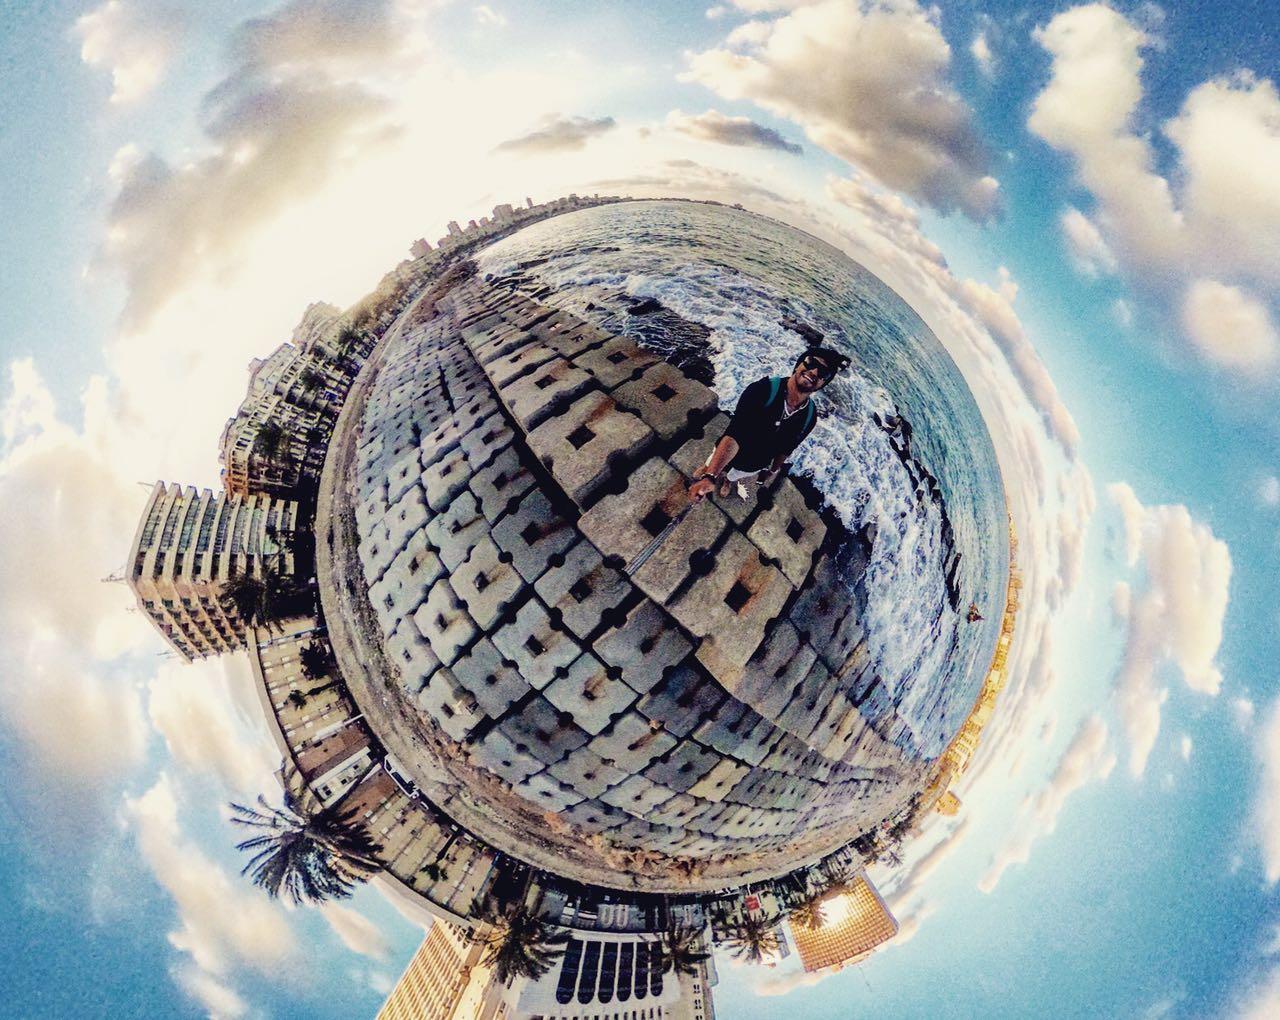 شوف مصر 360 درجة.. برج القاهرة والمسرح الروماني وكورنيش إسكندرية بشكل تاني